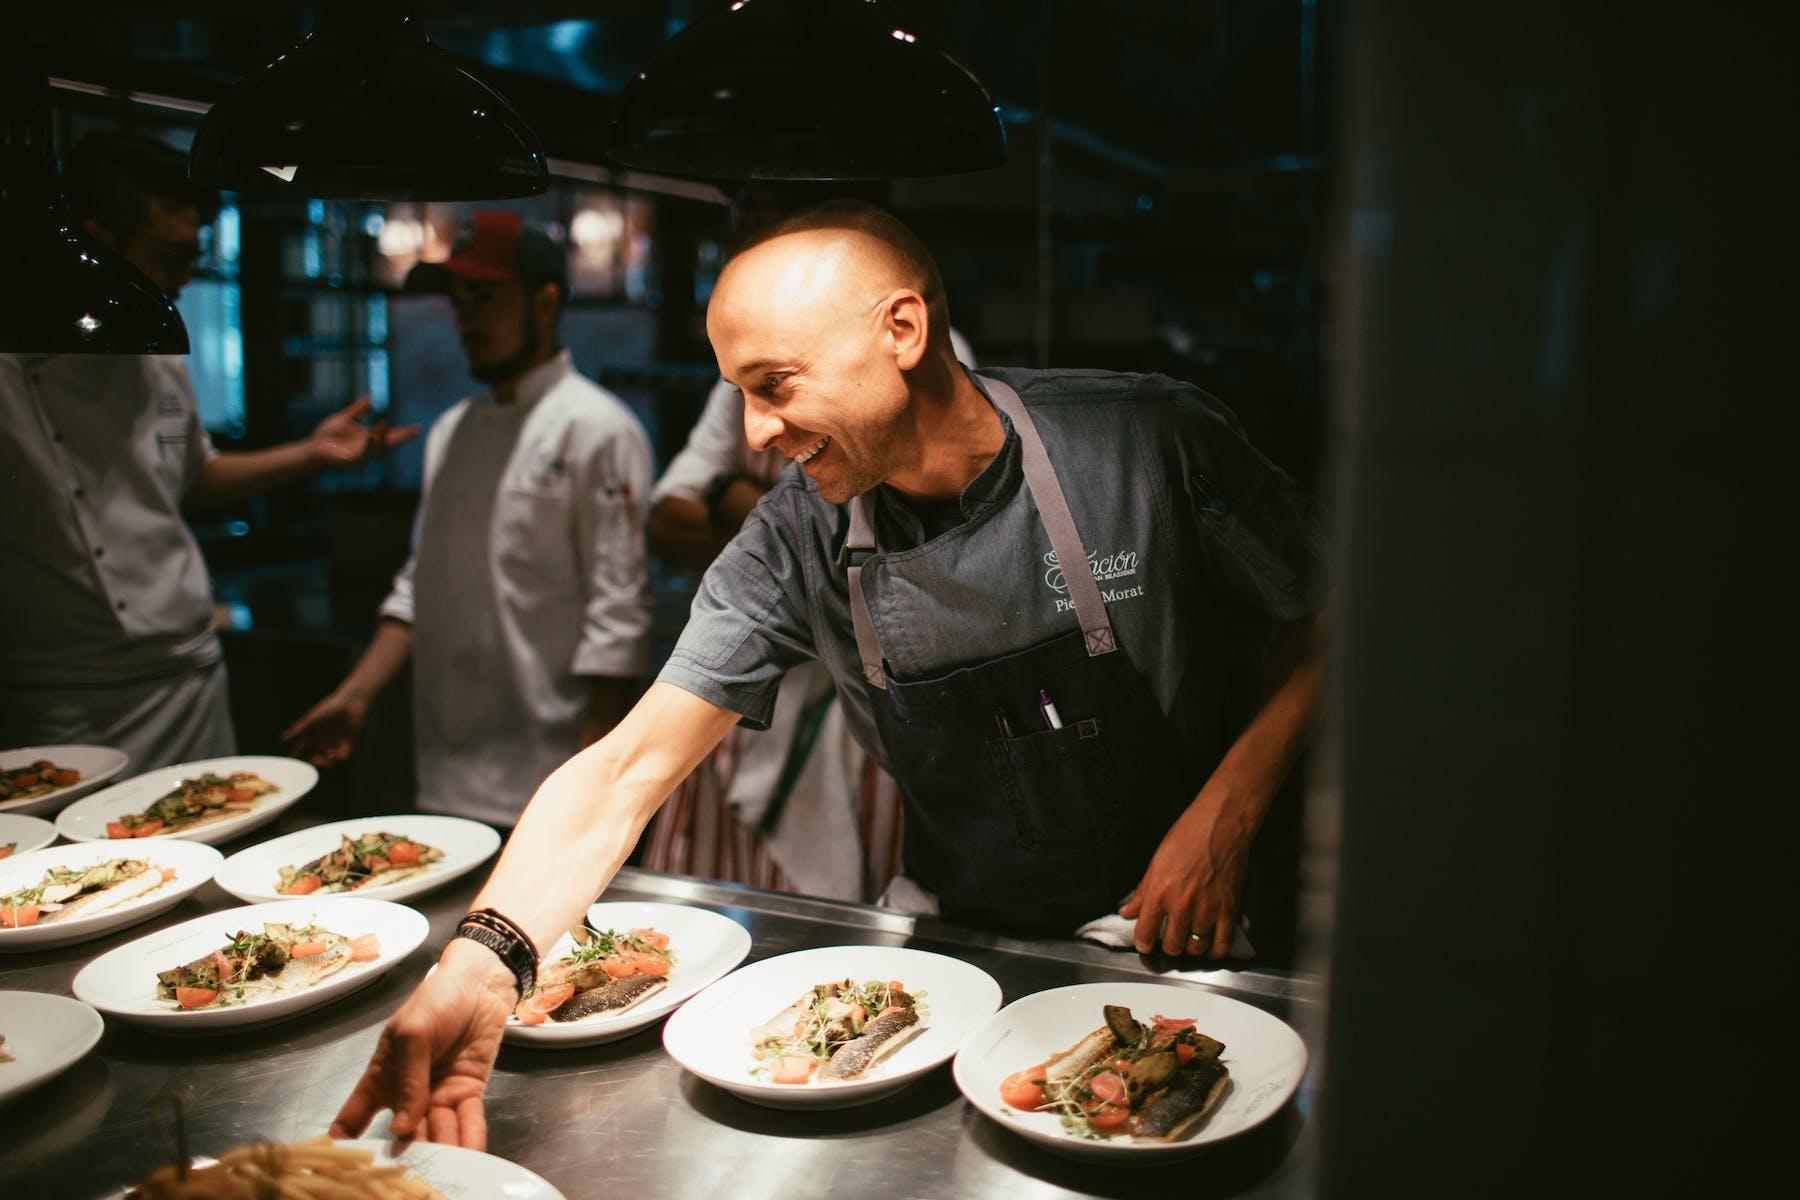 a man serving food on an open kitchen bar